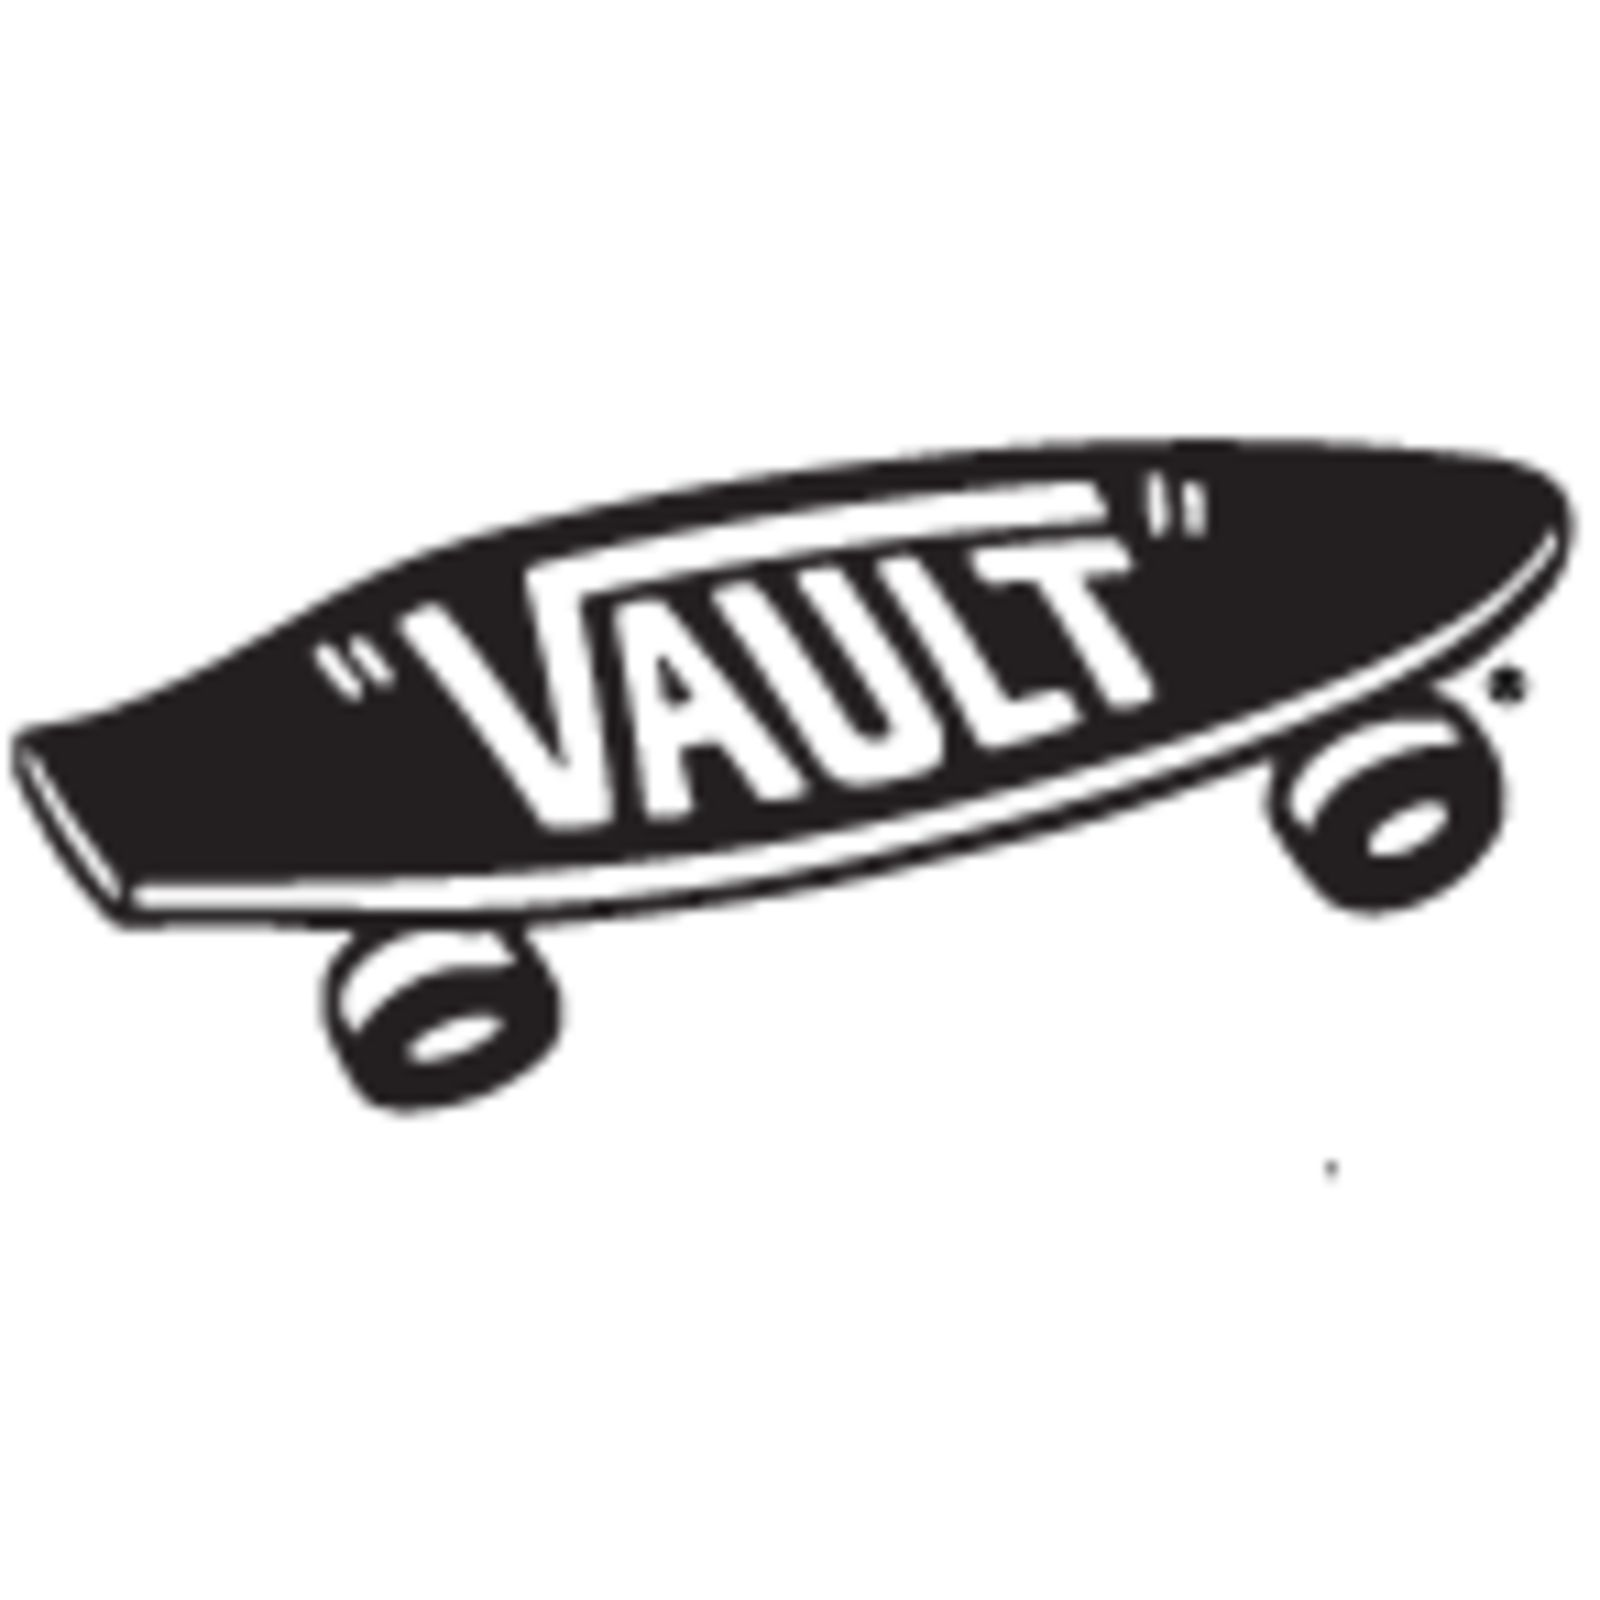 VAULT by VANS (Image 1)